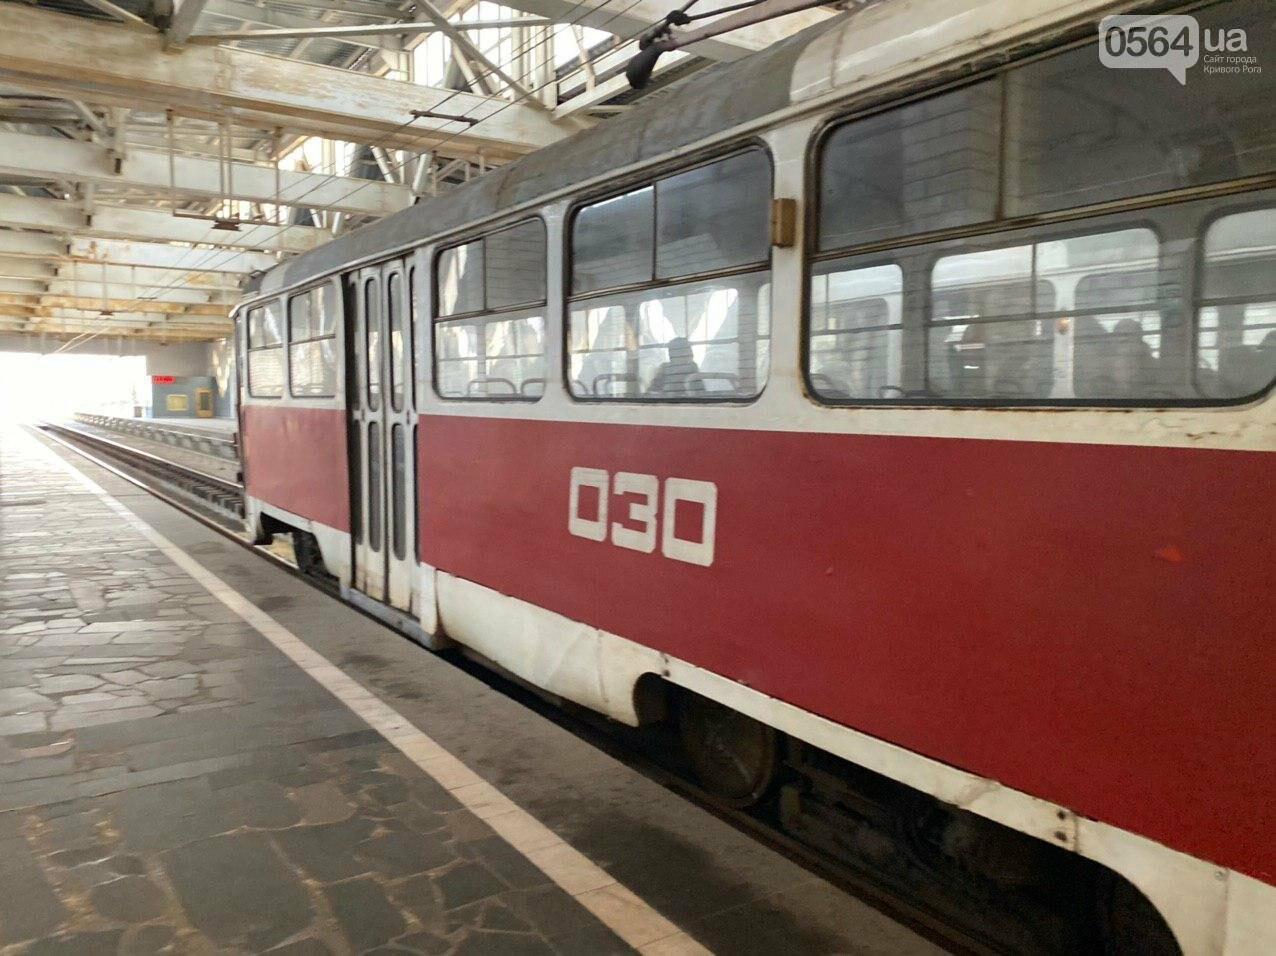 В Кривом Роге полностью остановилось движение скоростного трамвая, - ФОТО , фото-5